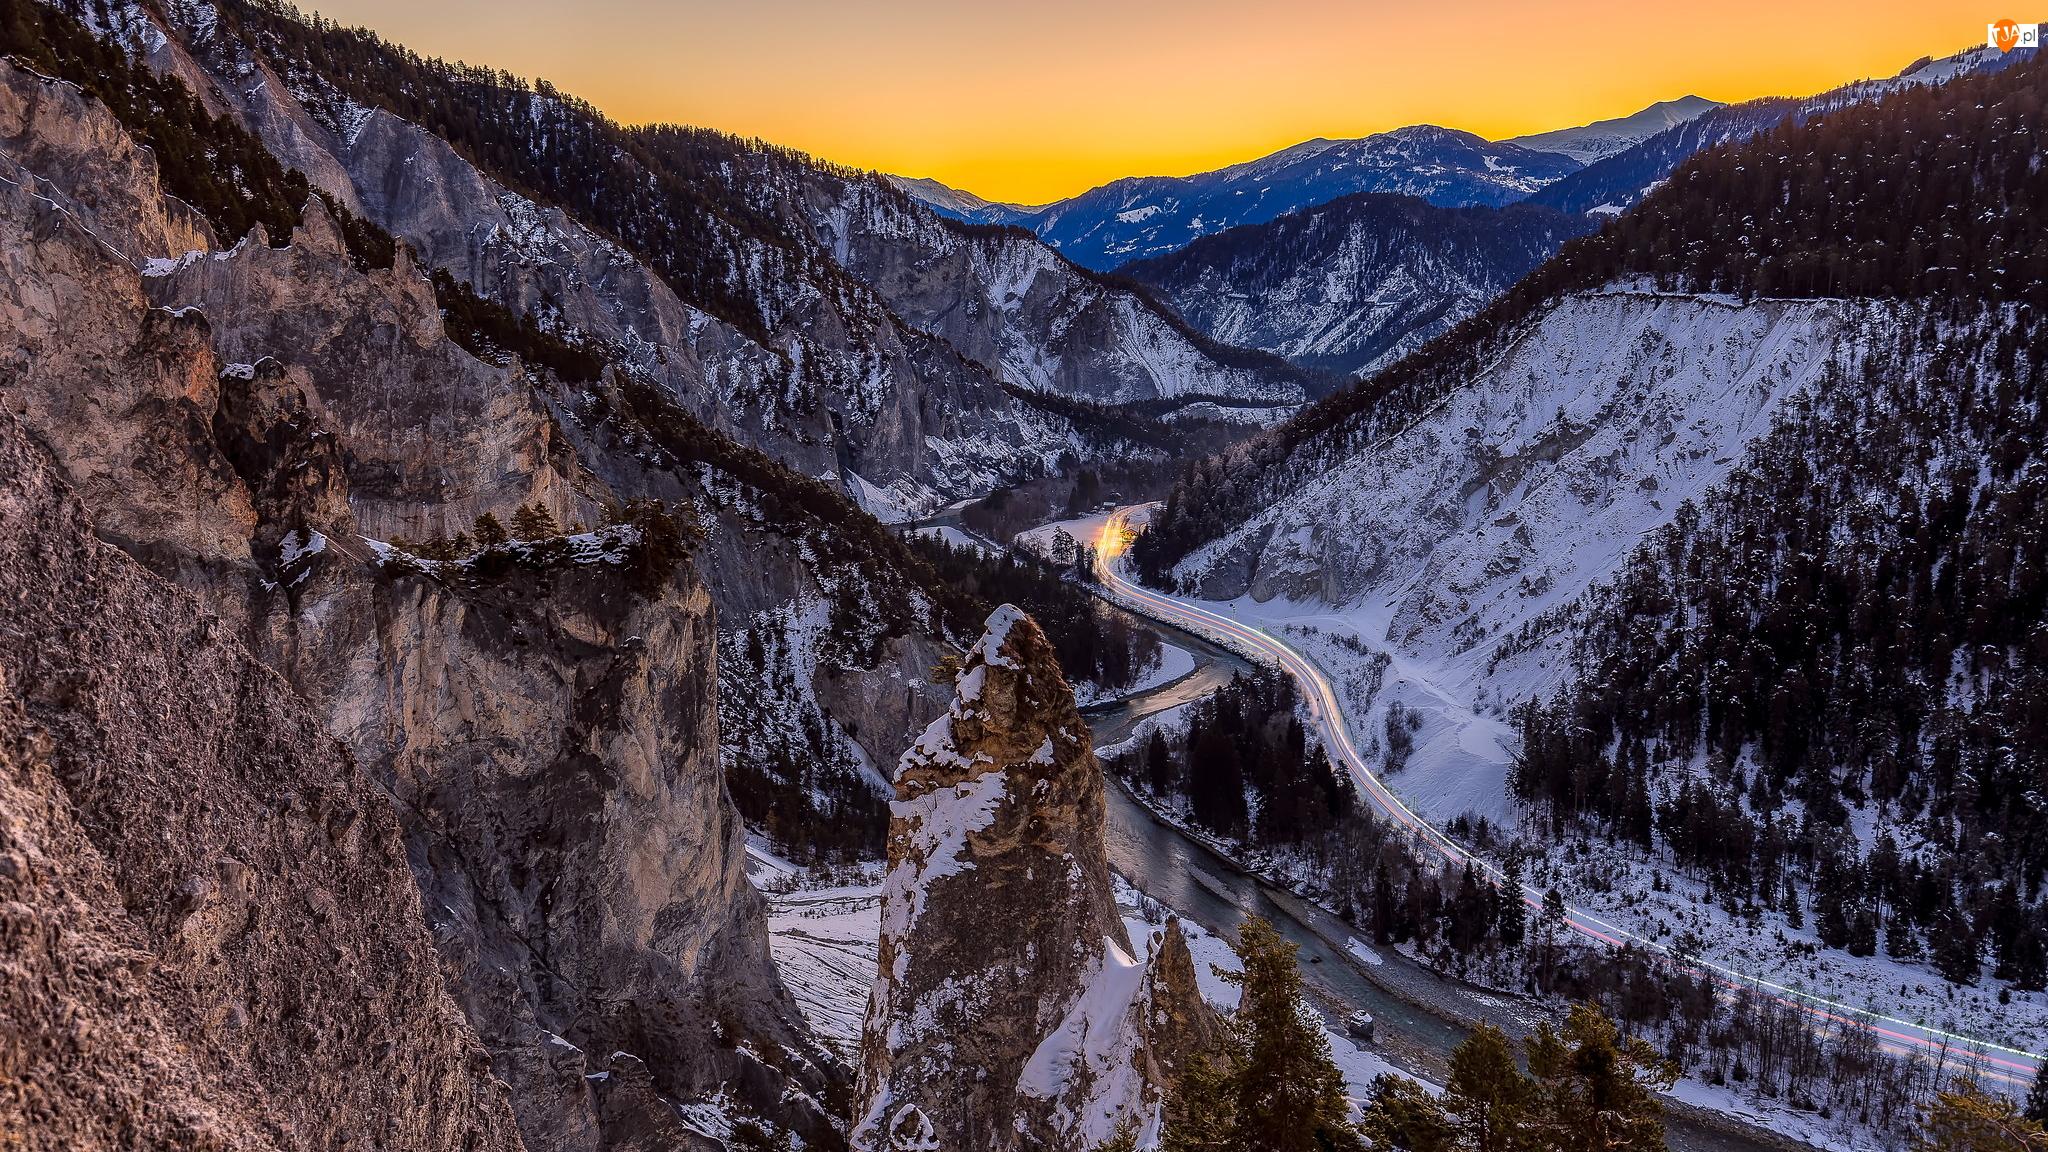 Szwajcaria, Śnieg, Versam, Droga, Wąwóz, Kanion, Góry, Ruinaulta, Rzeka Ren, Kanton Gryzonia